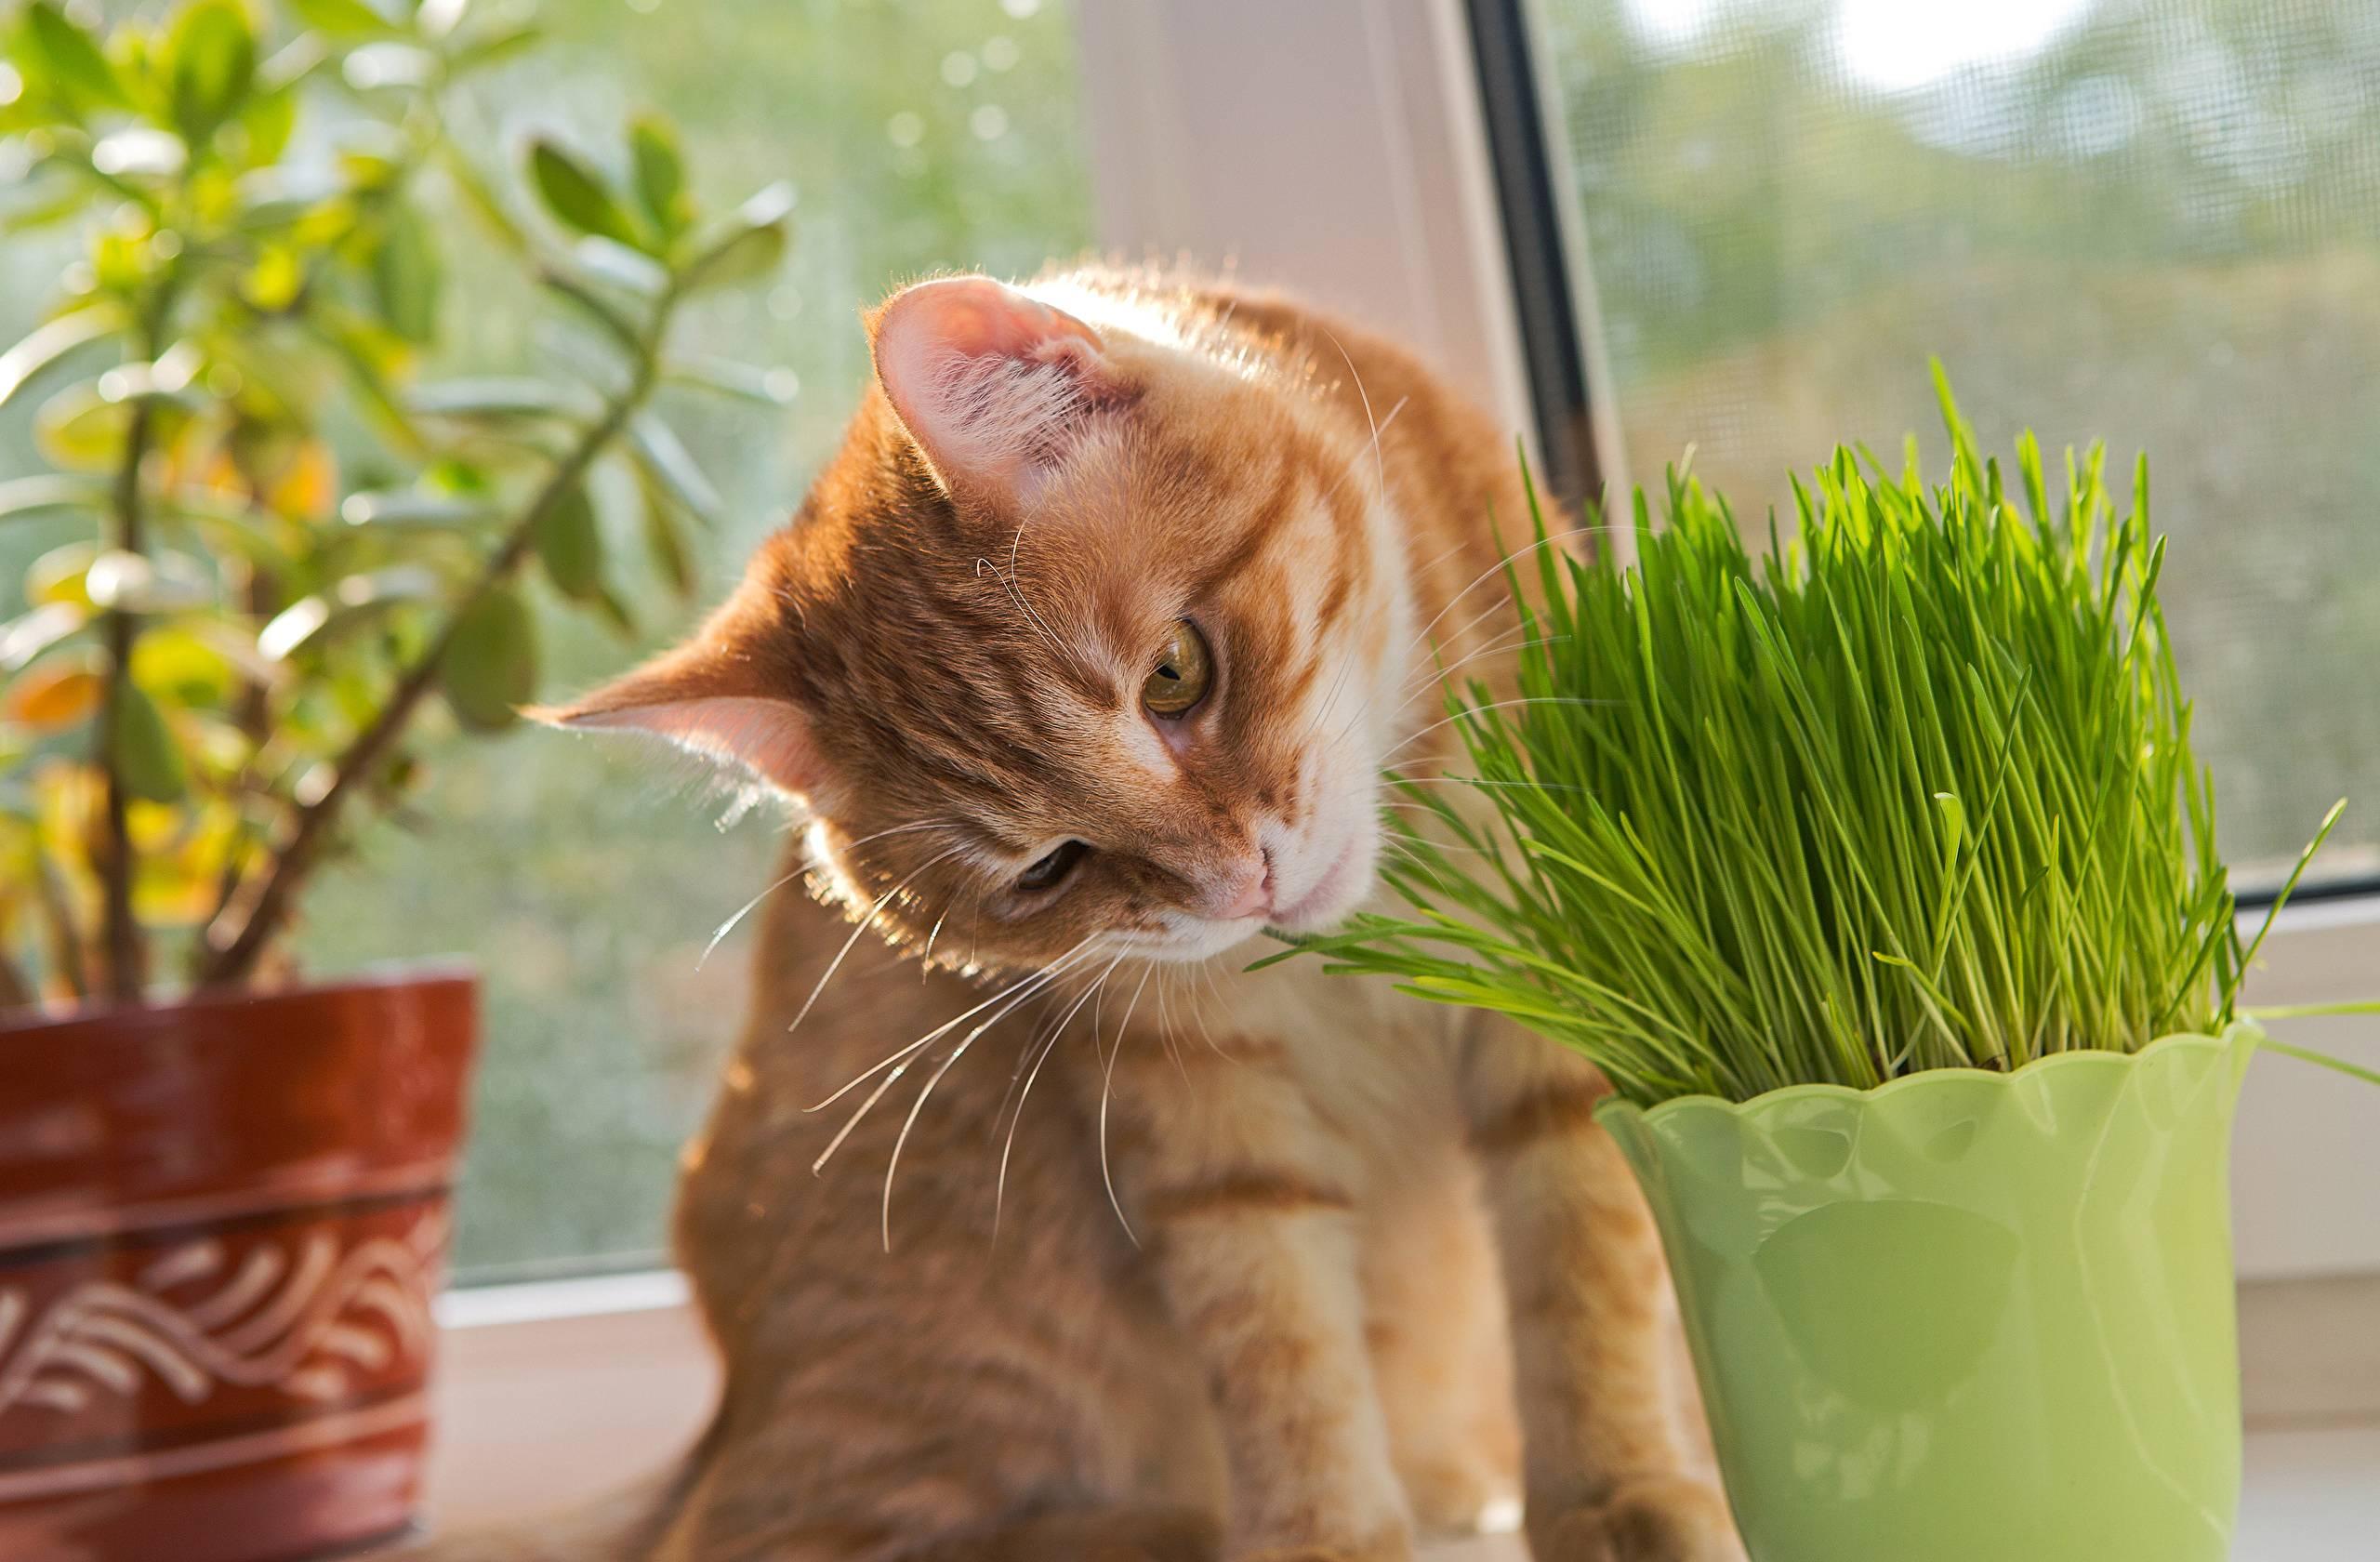 Какую траву любят кошки: почему кошки ее едят, как вырастить